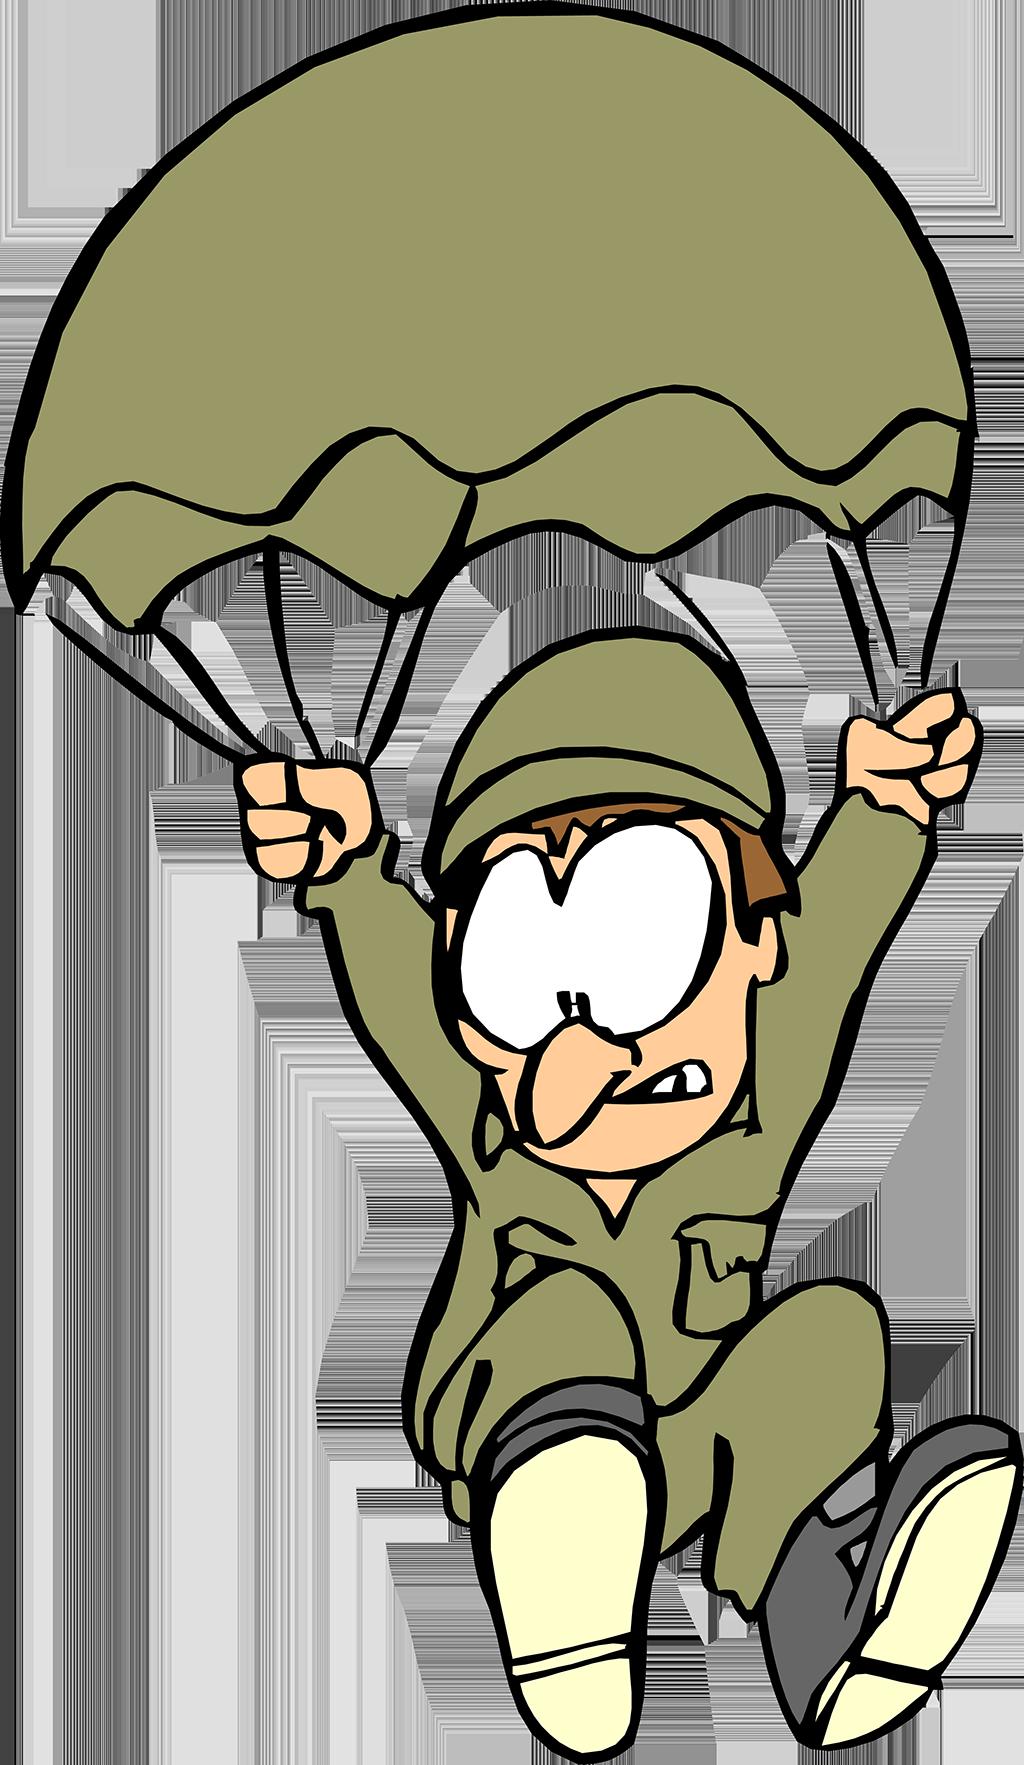 чета анимация парашютист на прозрачном фоне нас